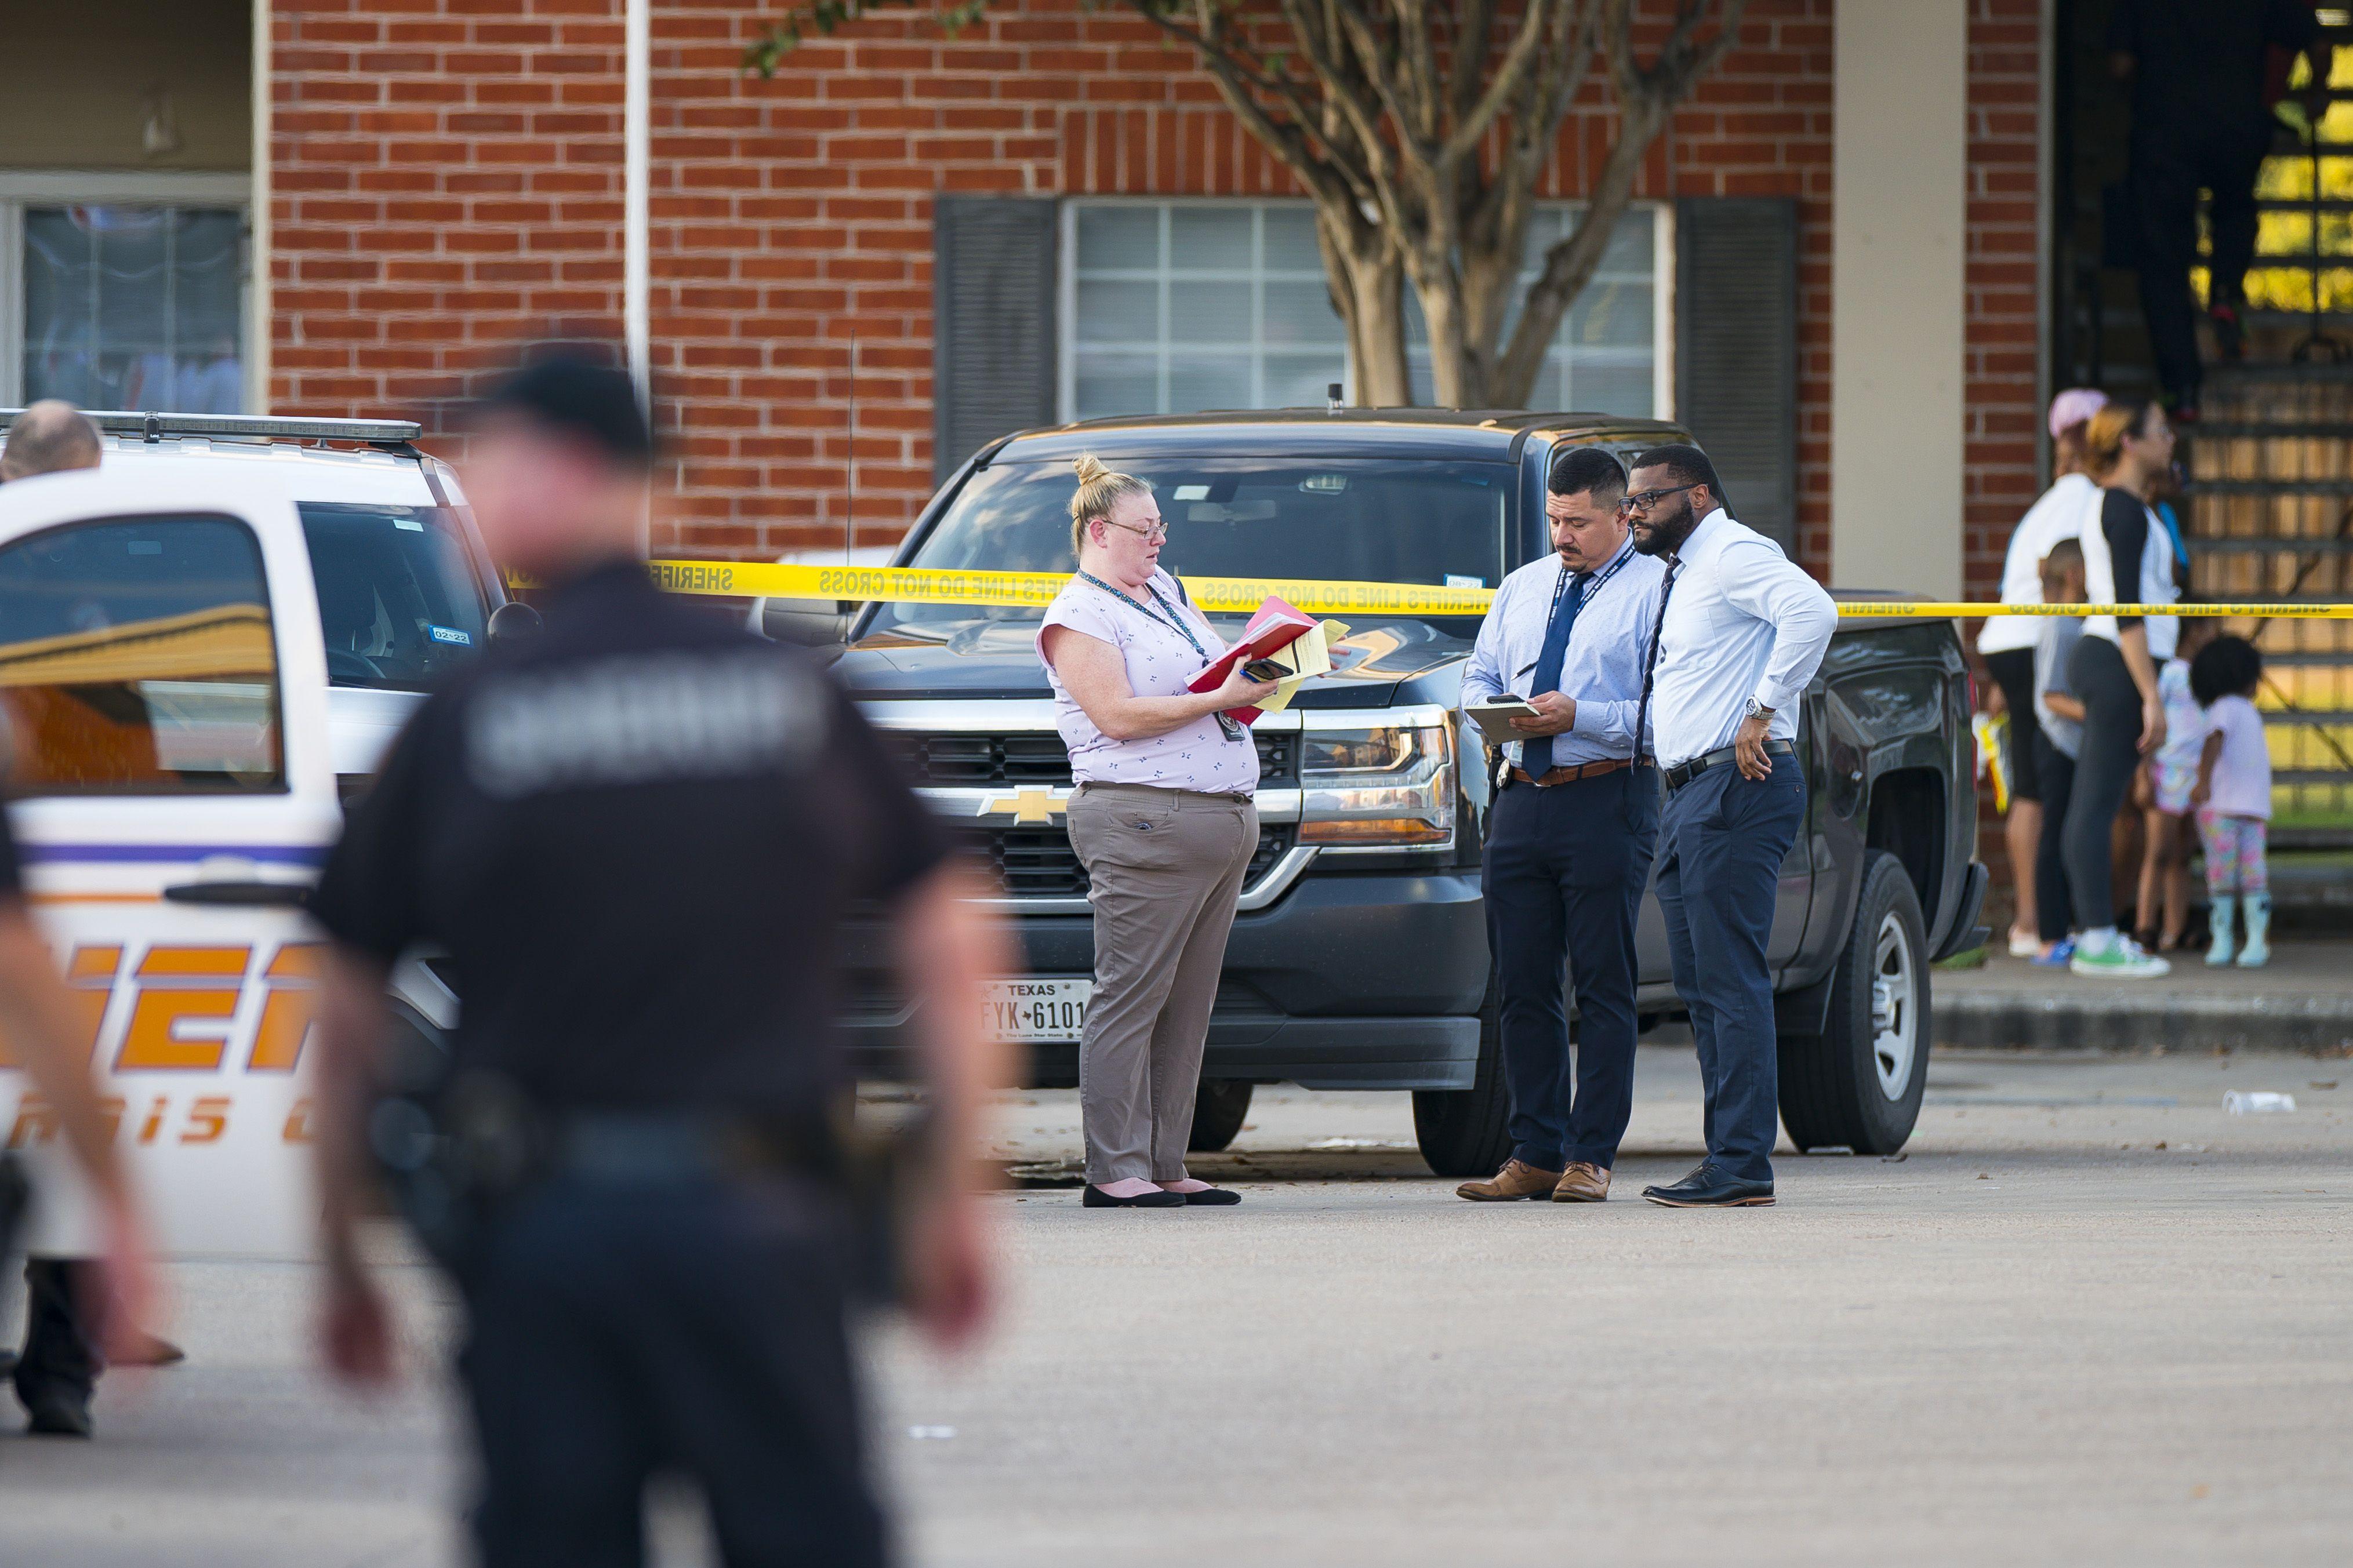 Hallan restos óseos de un menor en un apartamento en Houston